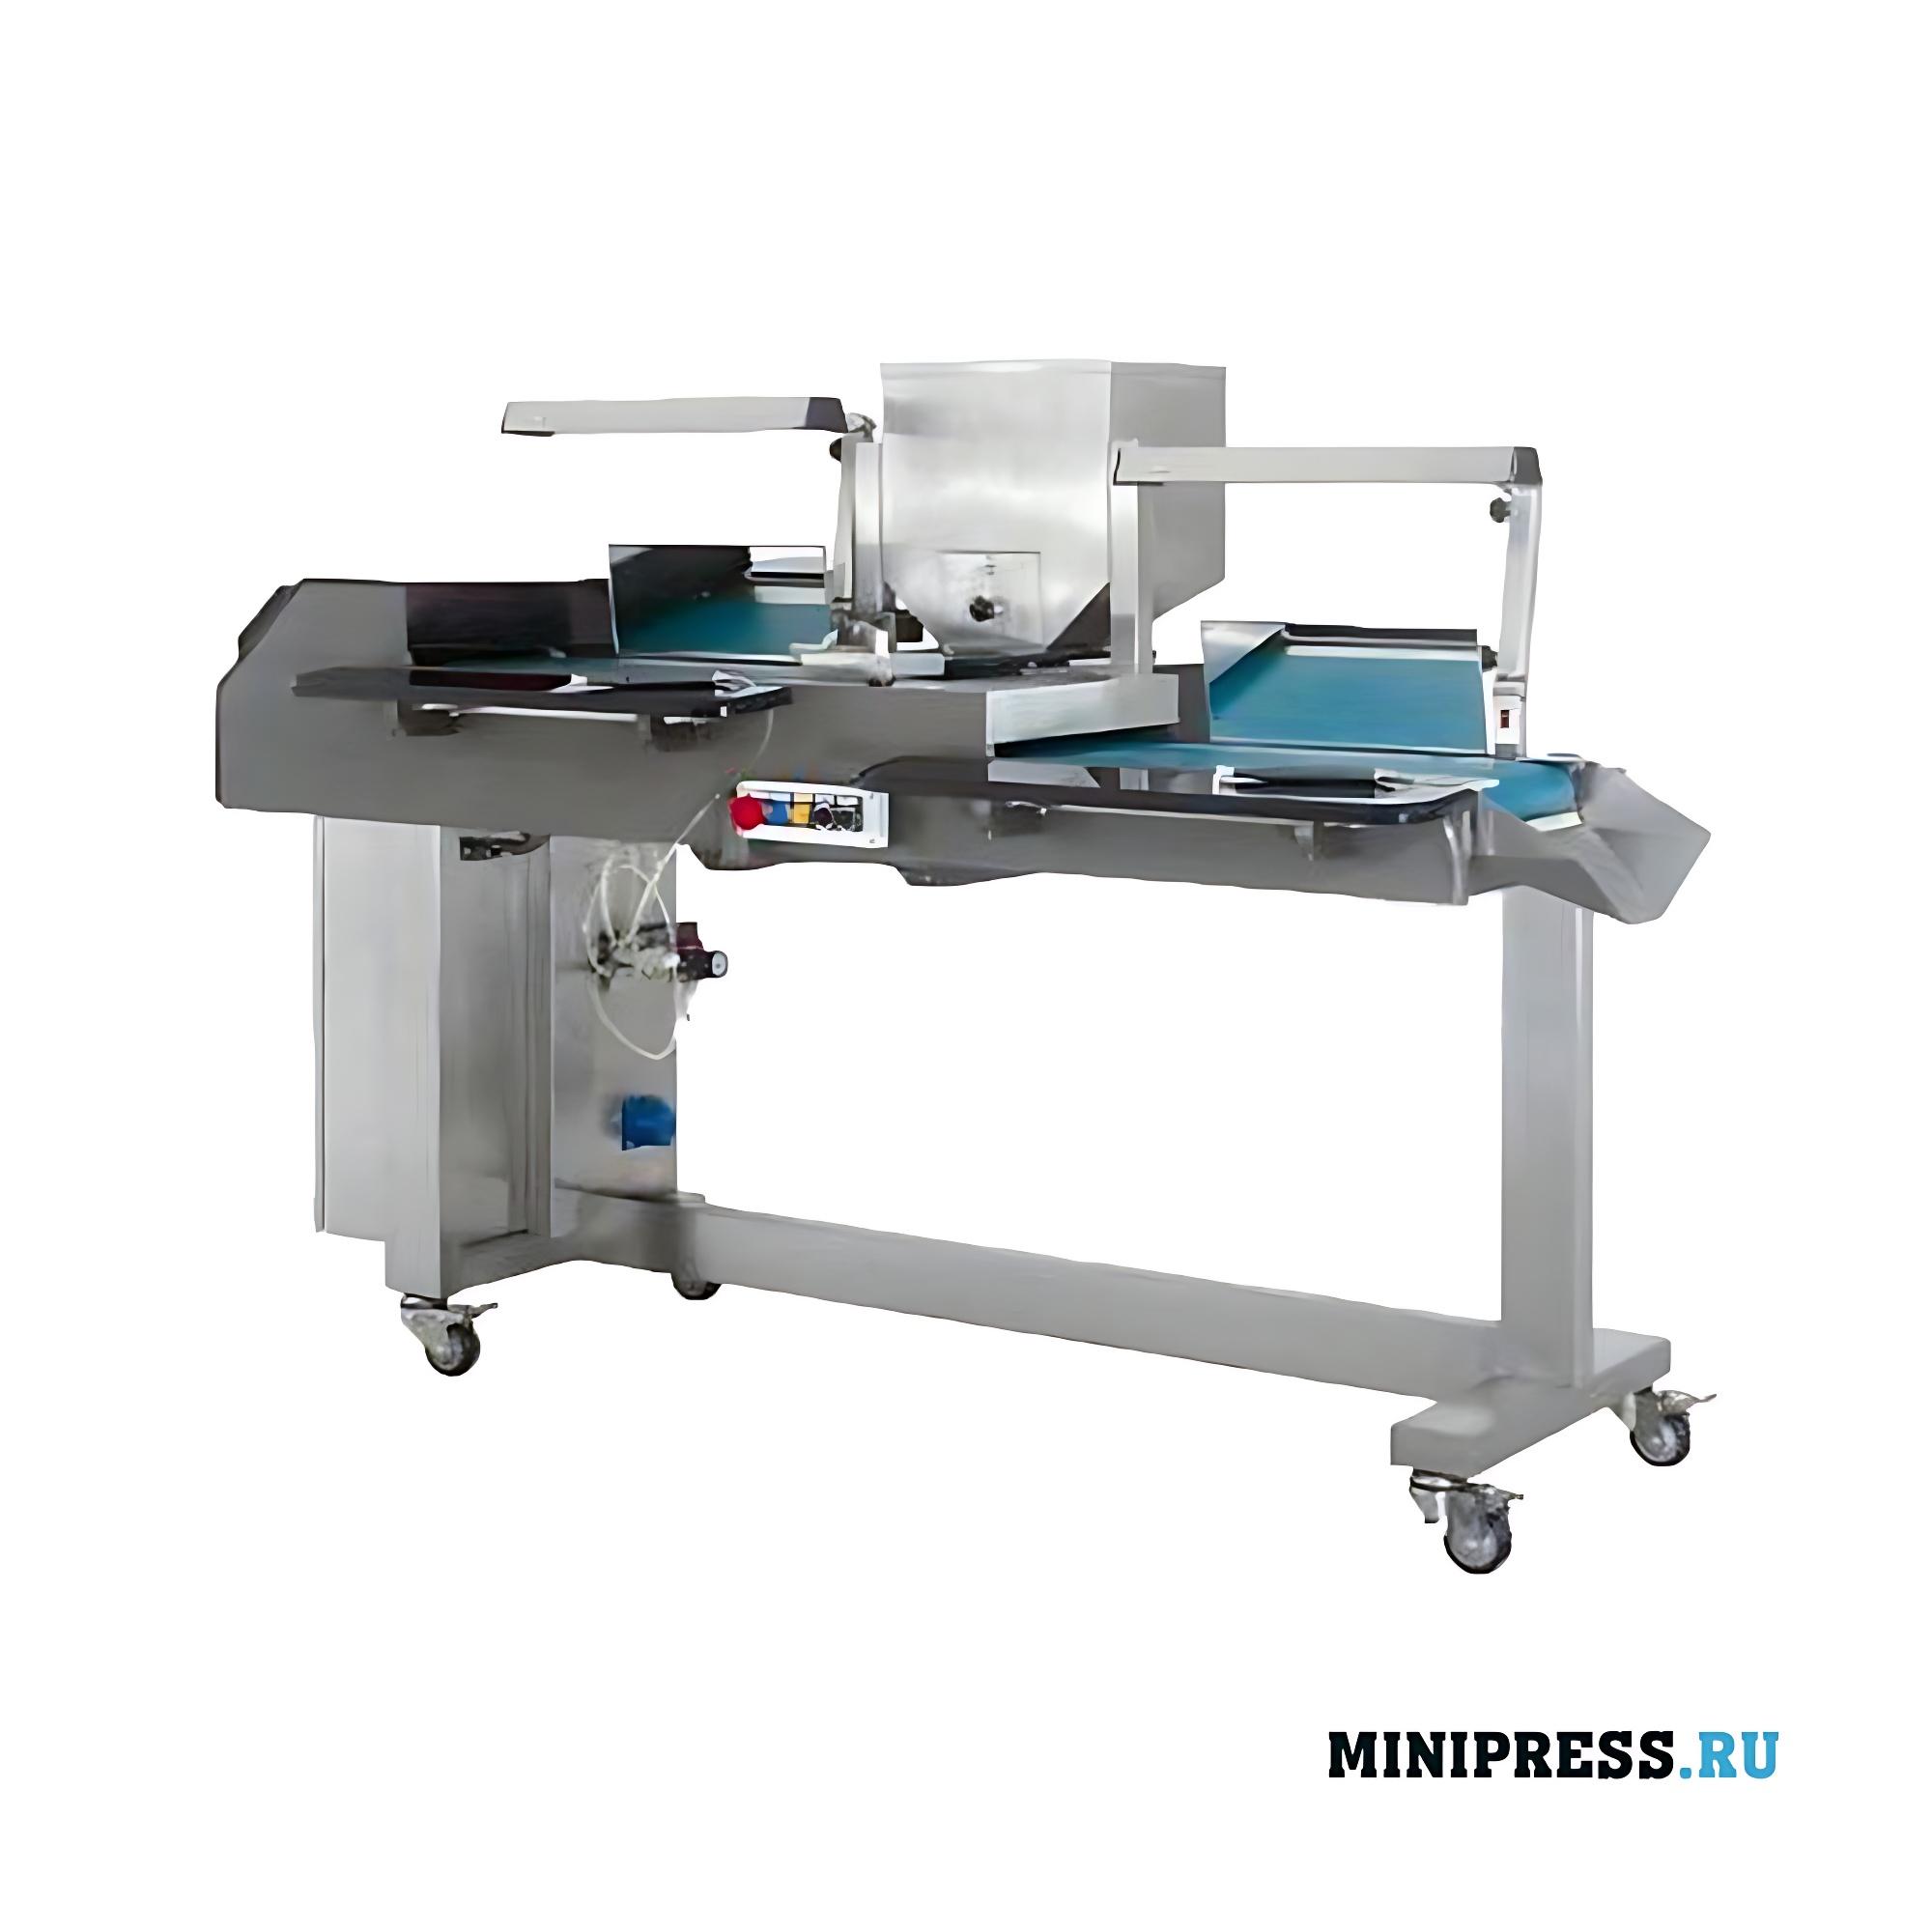 Оборудование для сортировки и проверки качества таблеток